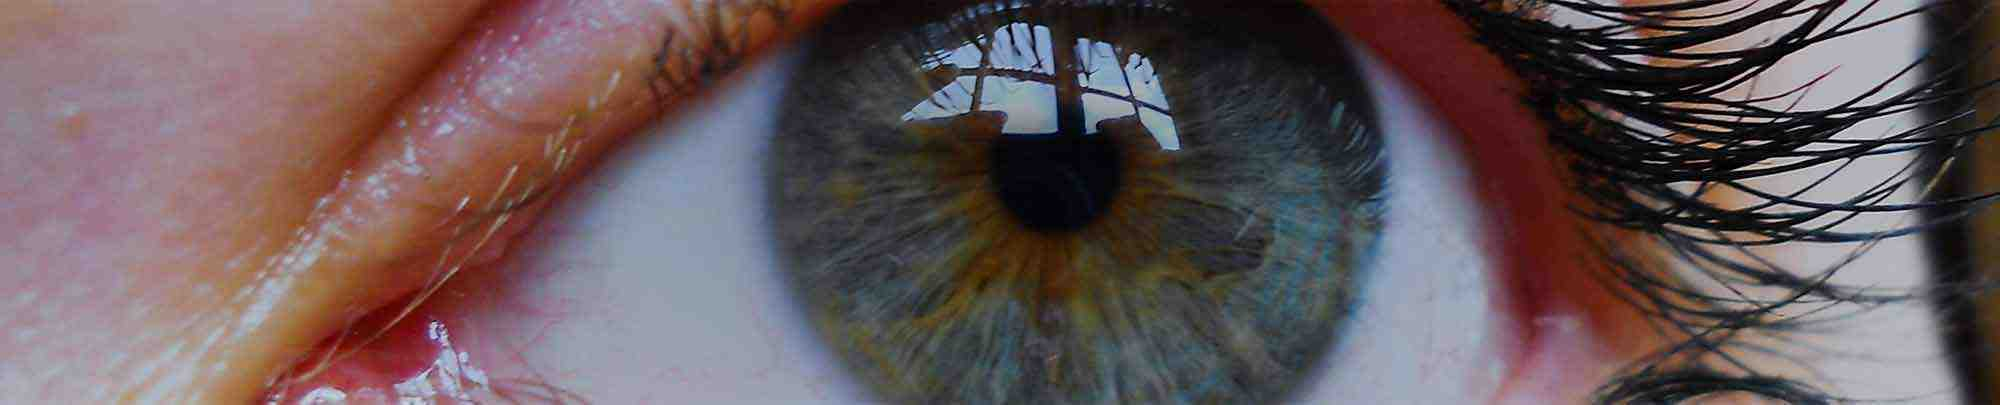 Nahaufnahme eines Auges